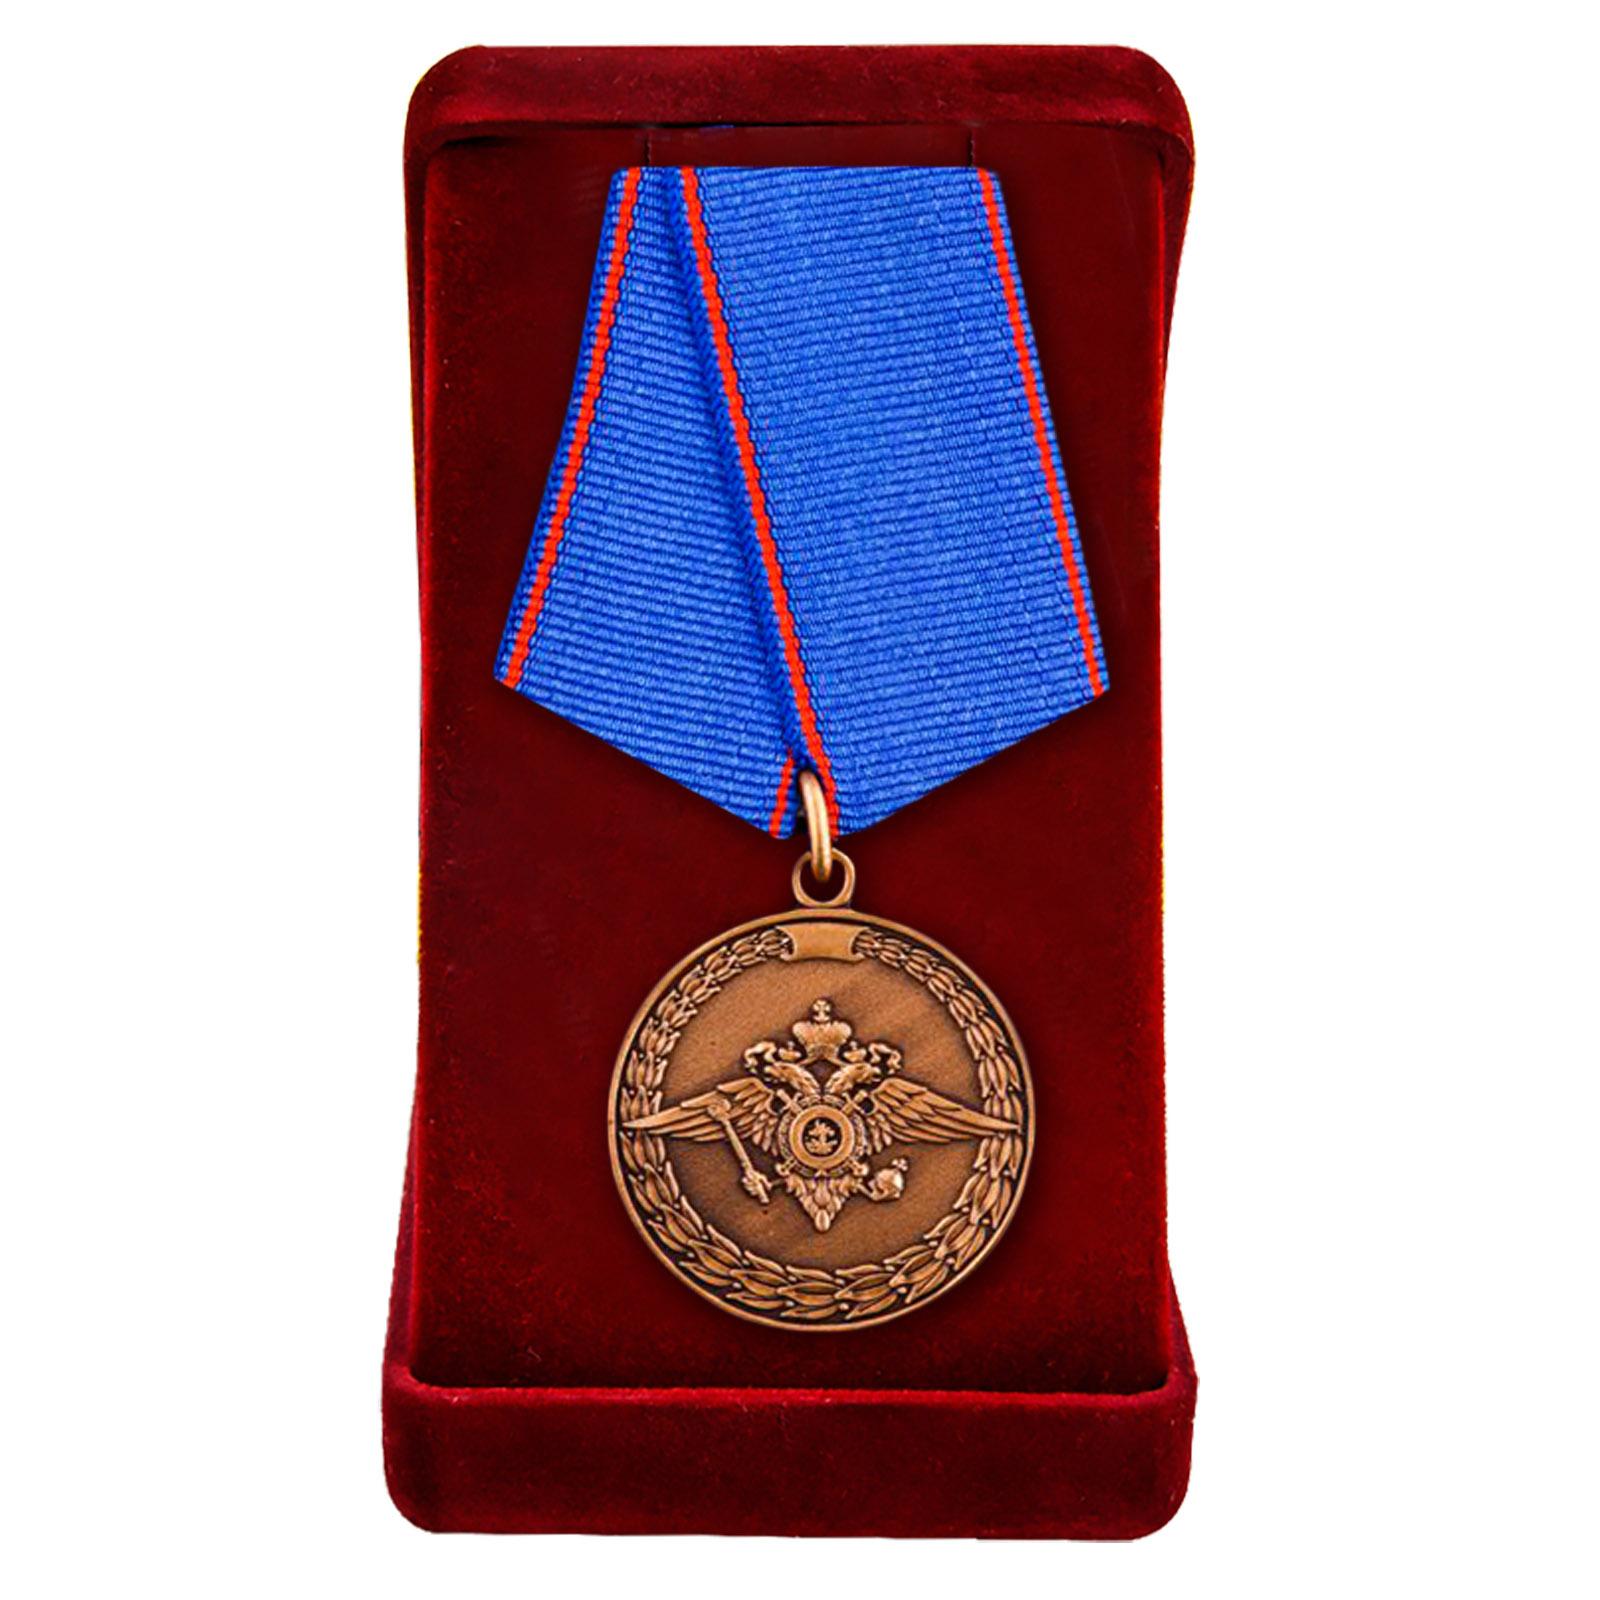 Купить ведомственную медаль За доблесть в службе МВД с доставкой